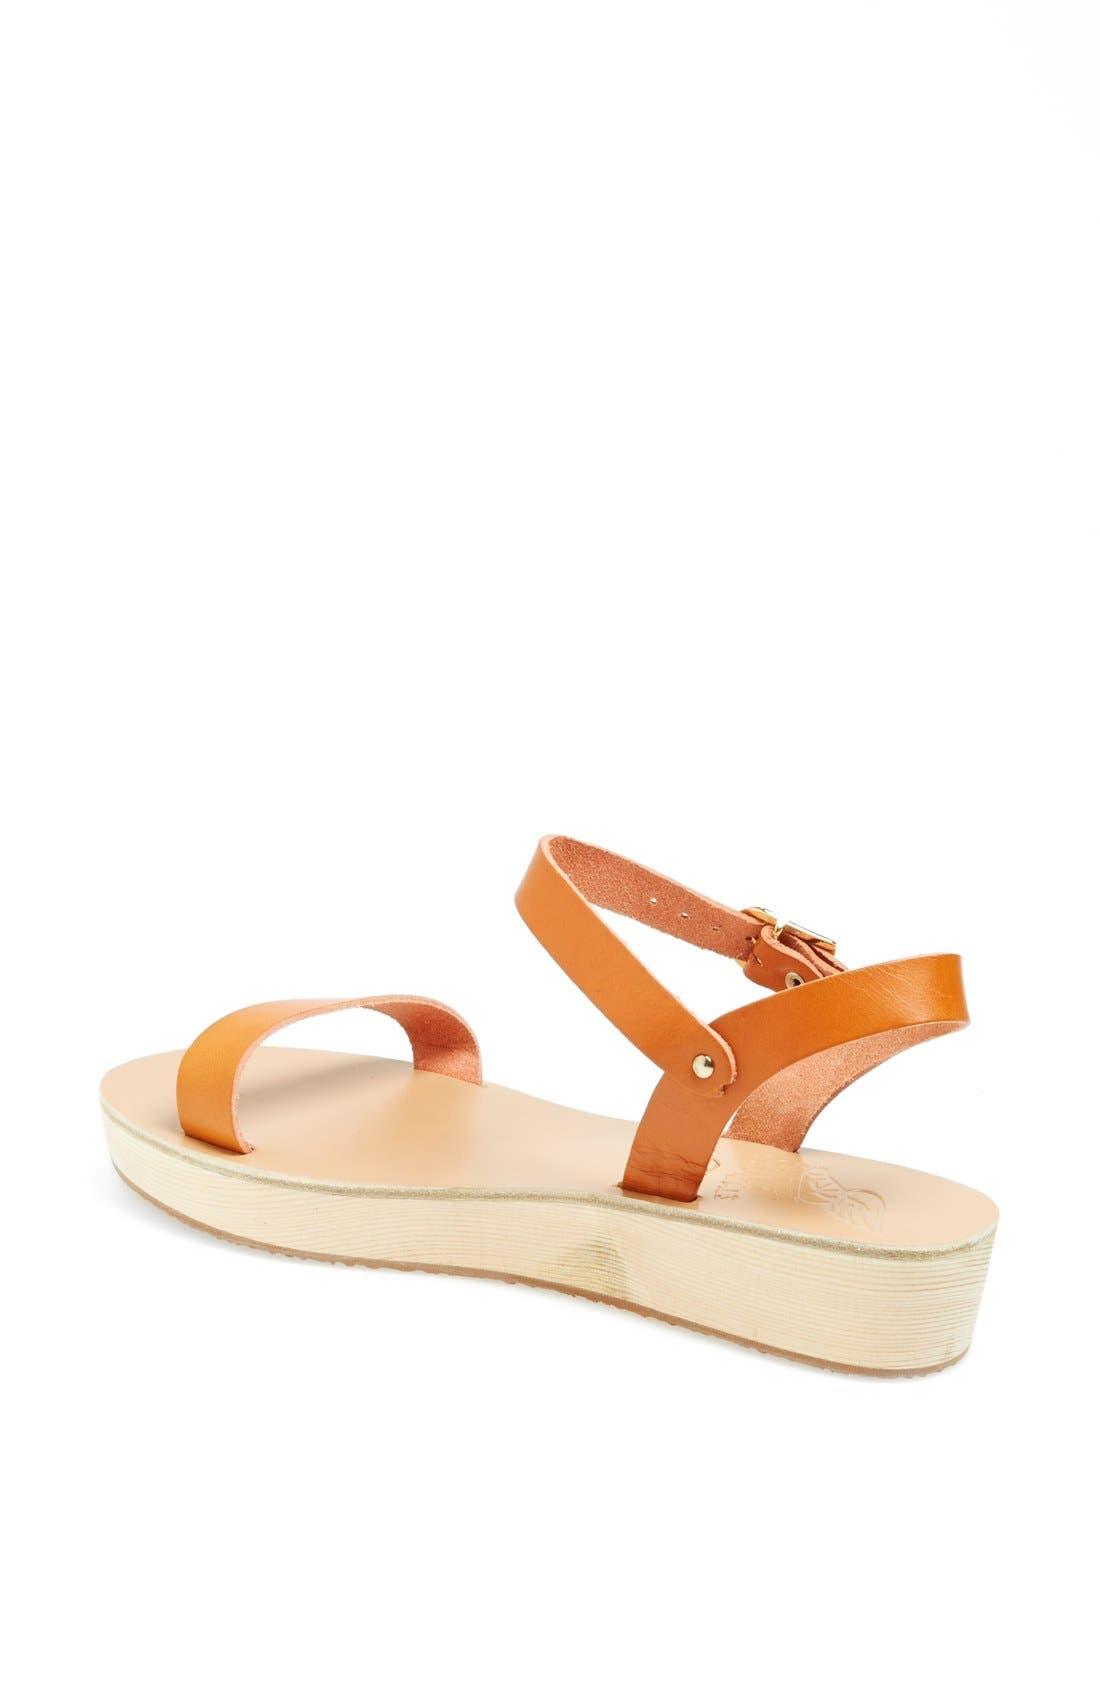 Alternate Image 2  - Ancient Greek Sandals 'Drama' Platform Sandal